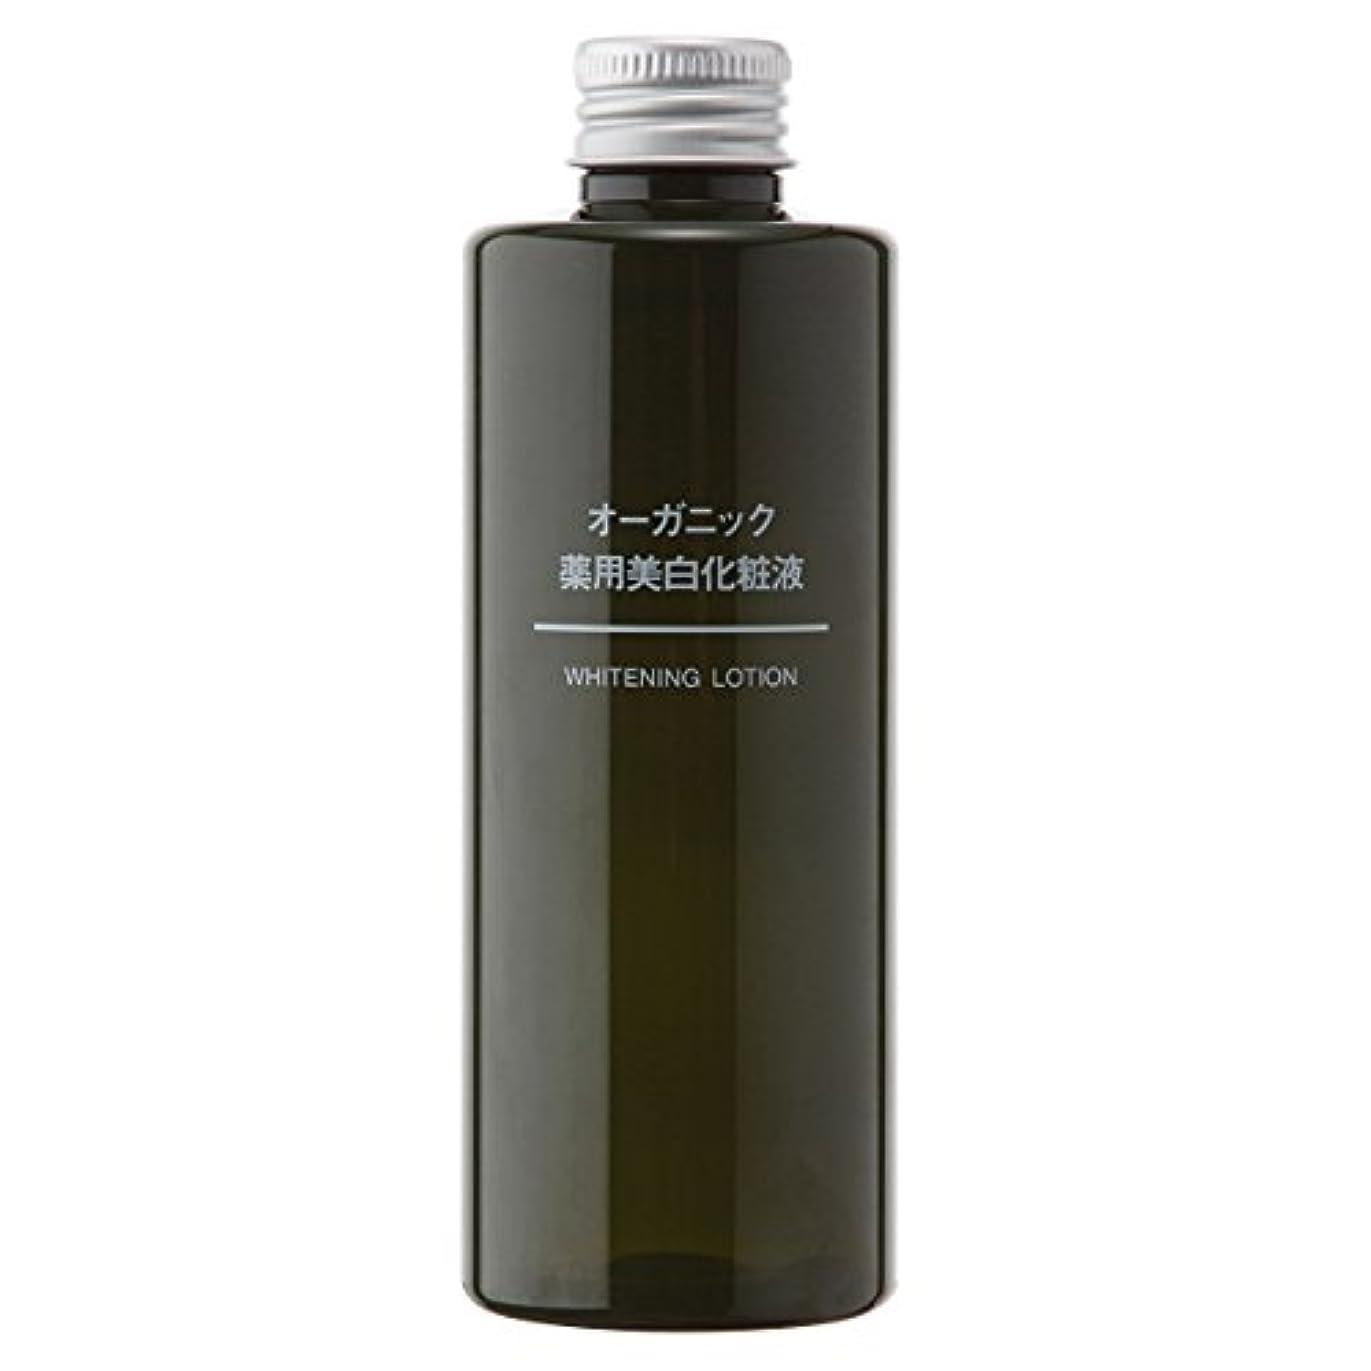 慈善部屋を掃除する急いで無印良品 オーガニック薬用美白化粧液 200ml